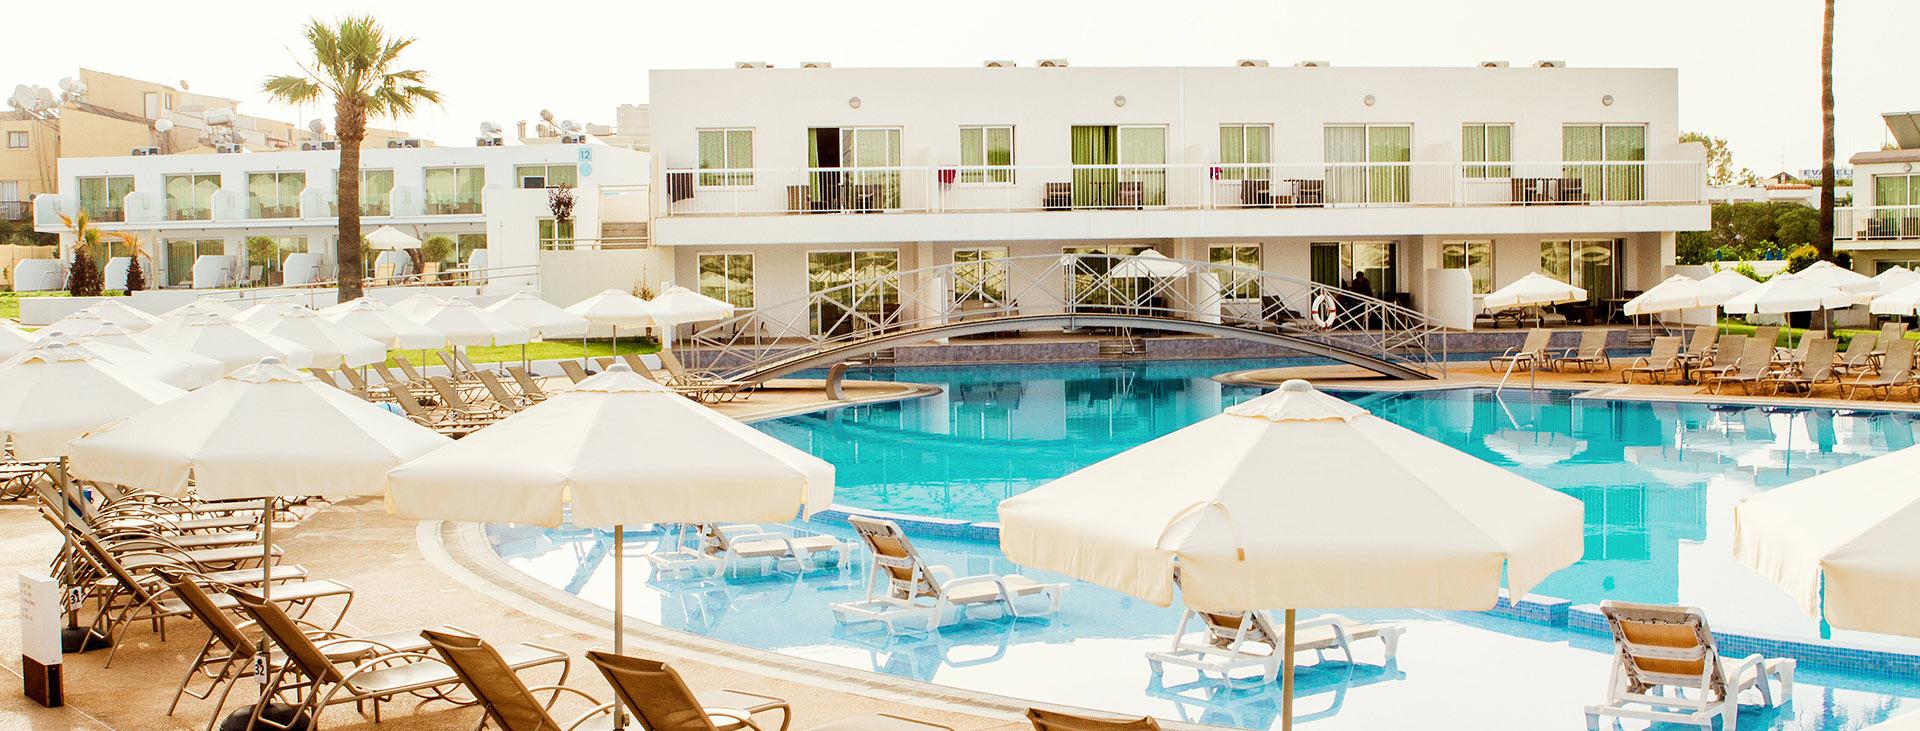 Sunprime Ayia Napa Suites, Ayia Napa, Kypros, Kypros